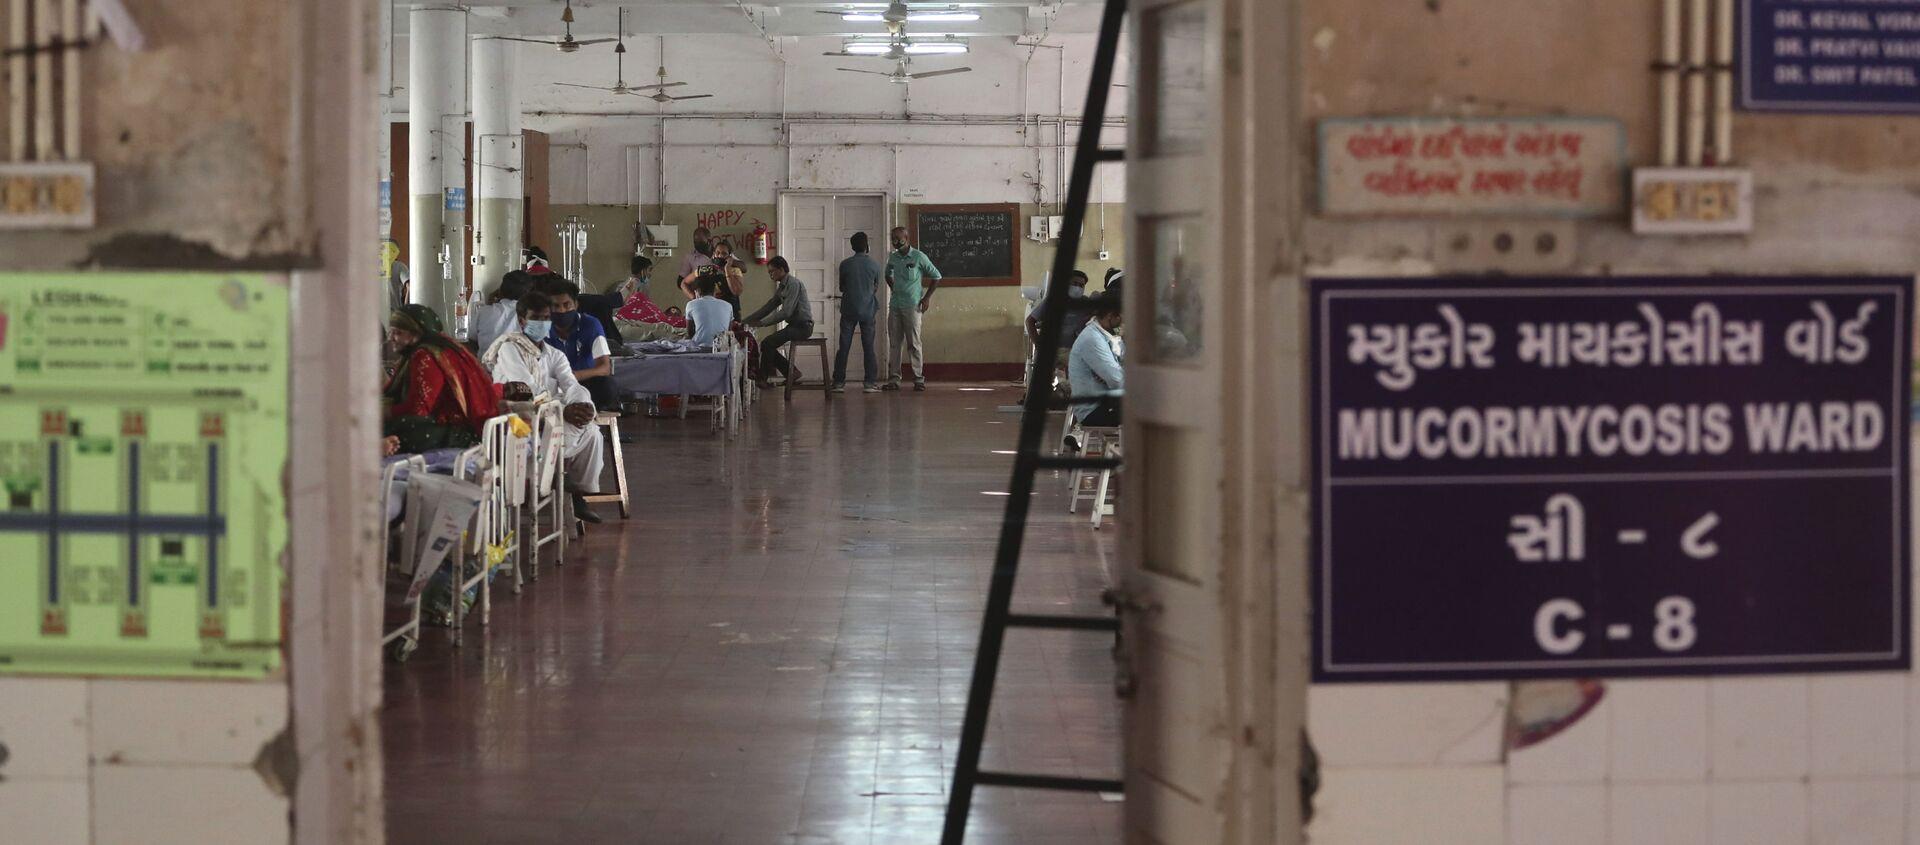 Bệnh viện nhà nước ở Ahmedabad, Ấn Độ. - Sputnik Việt Nam, 1920, 22.05.2021